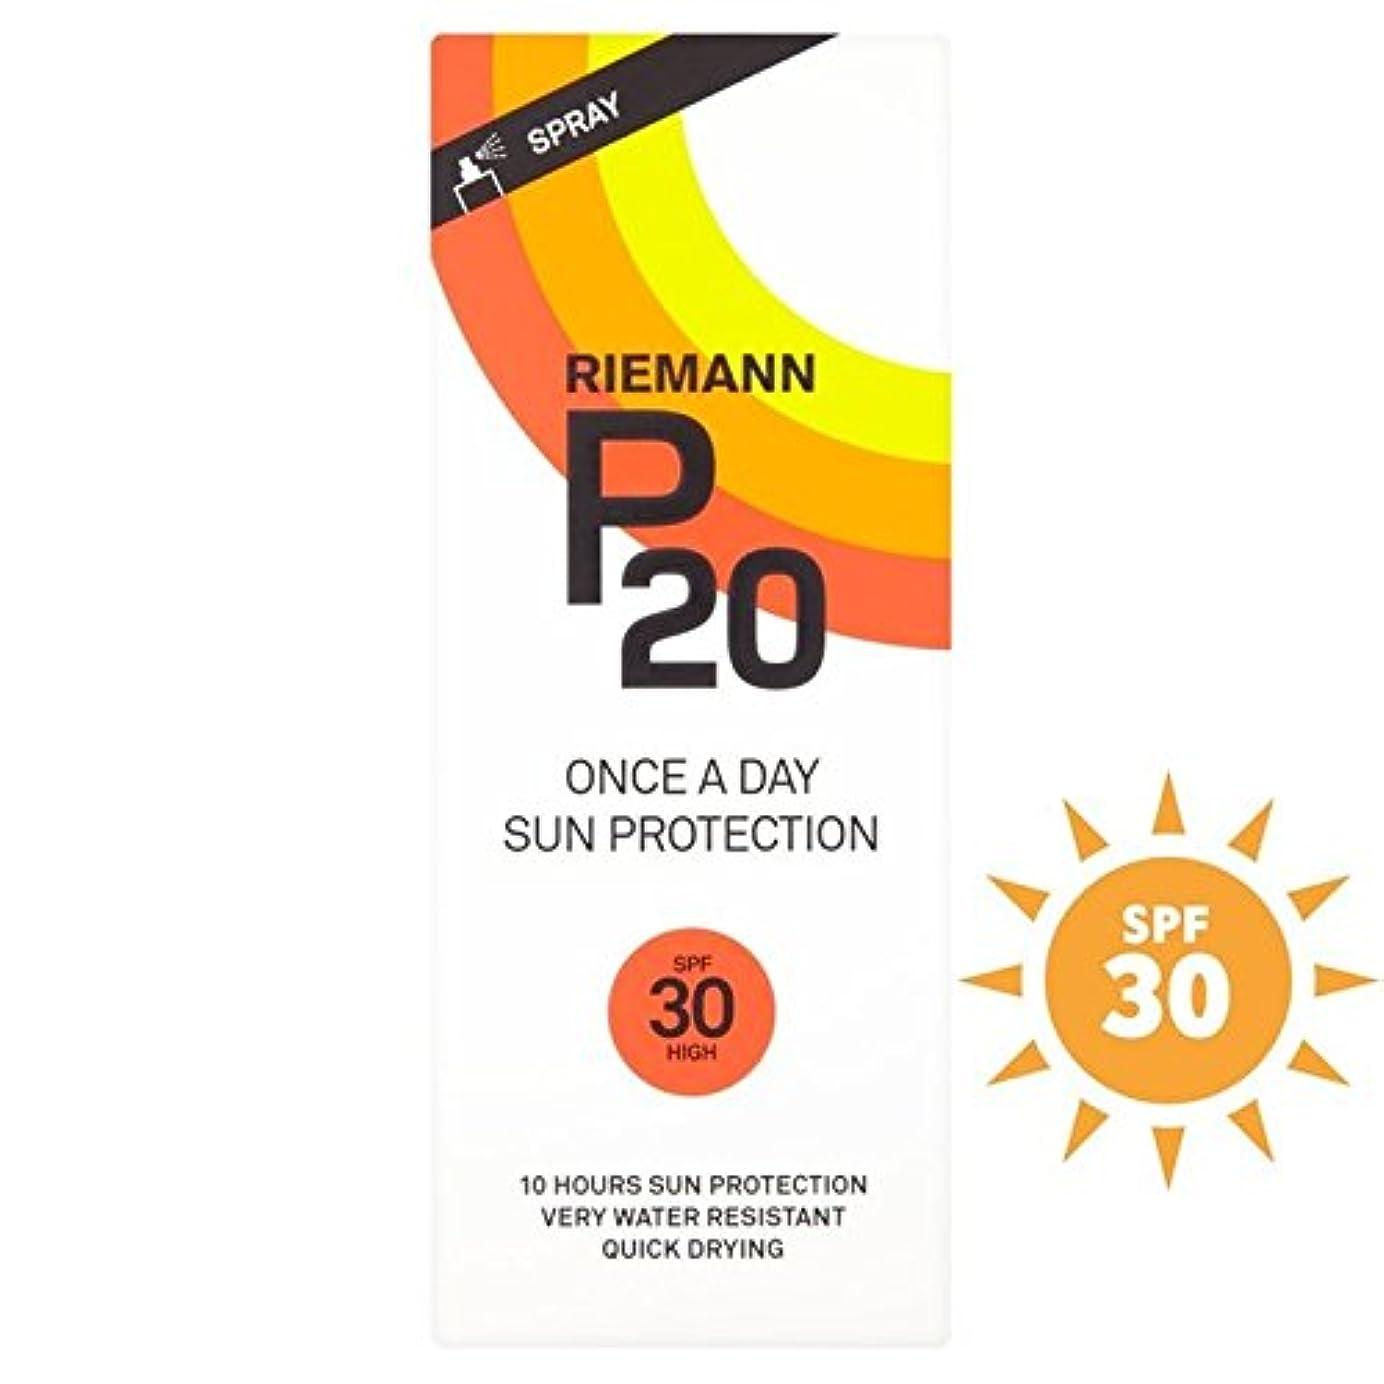 注釈を付ける散髪宇宙船リーマン20 30 1日/ 10時間の保護200ミリリットル x2 - Riemann P20 SPF30 1 Day/10 Hour Protection 200ml (Pack of 2) [並行輸入品]